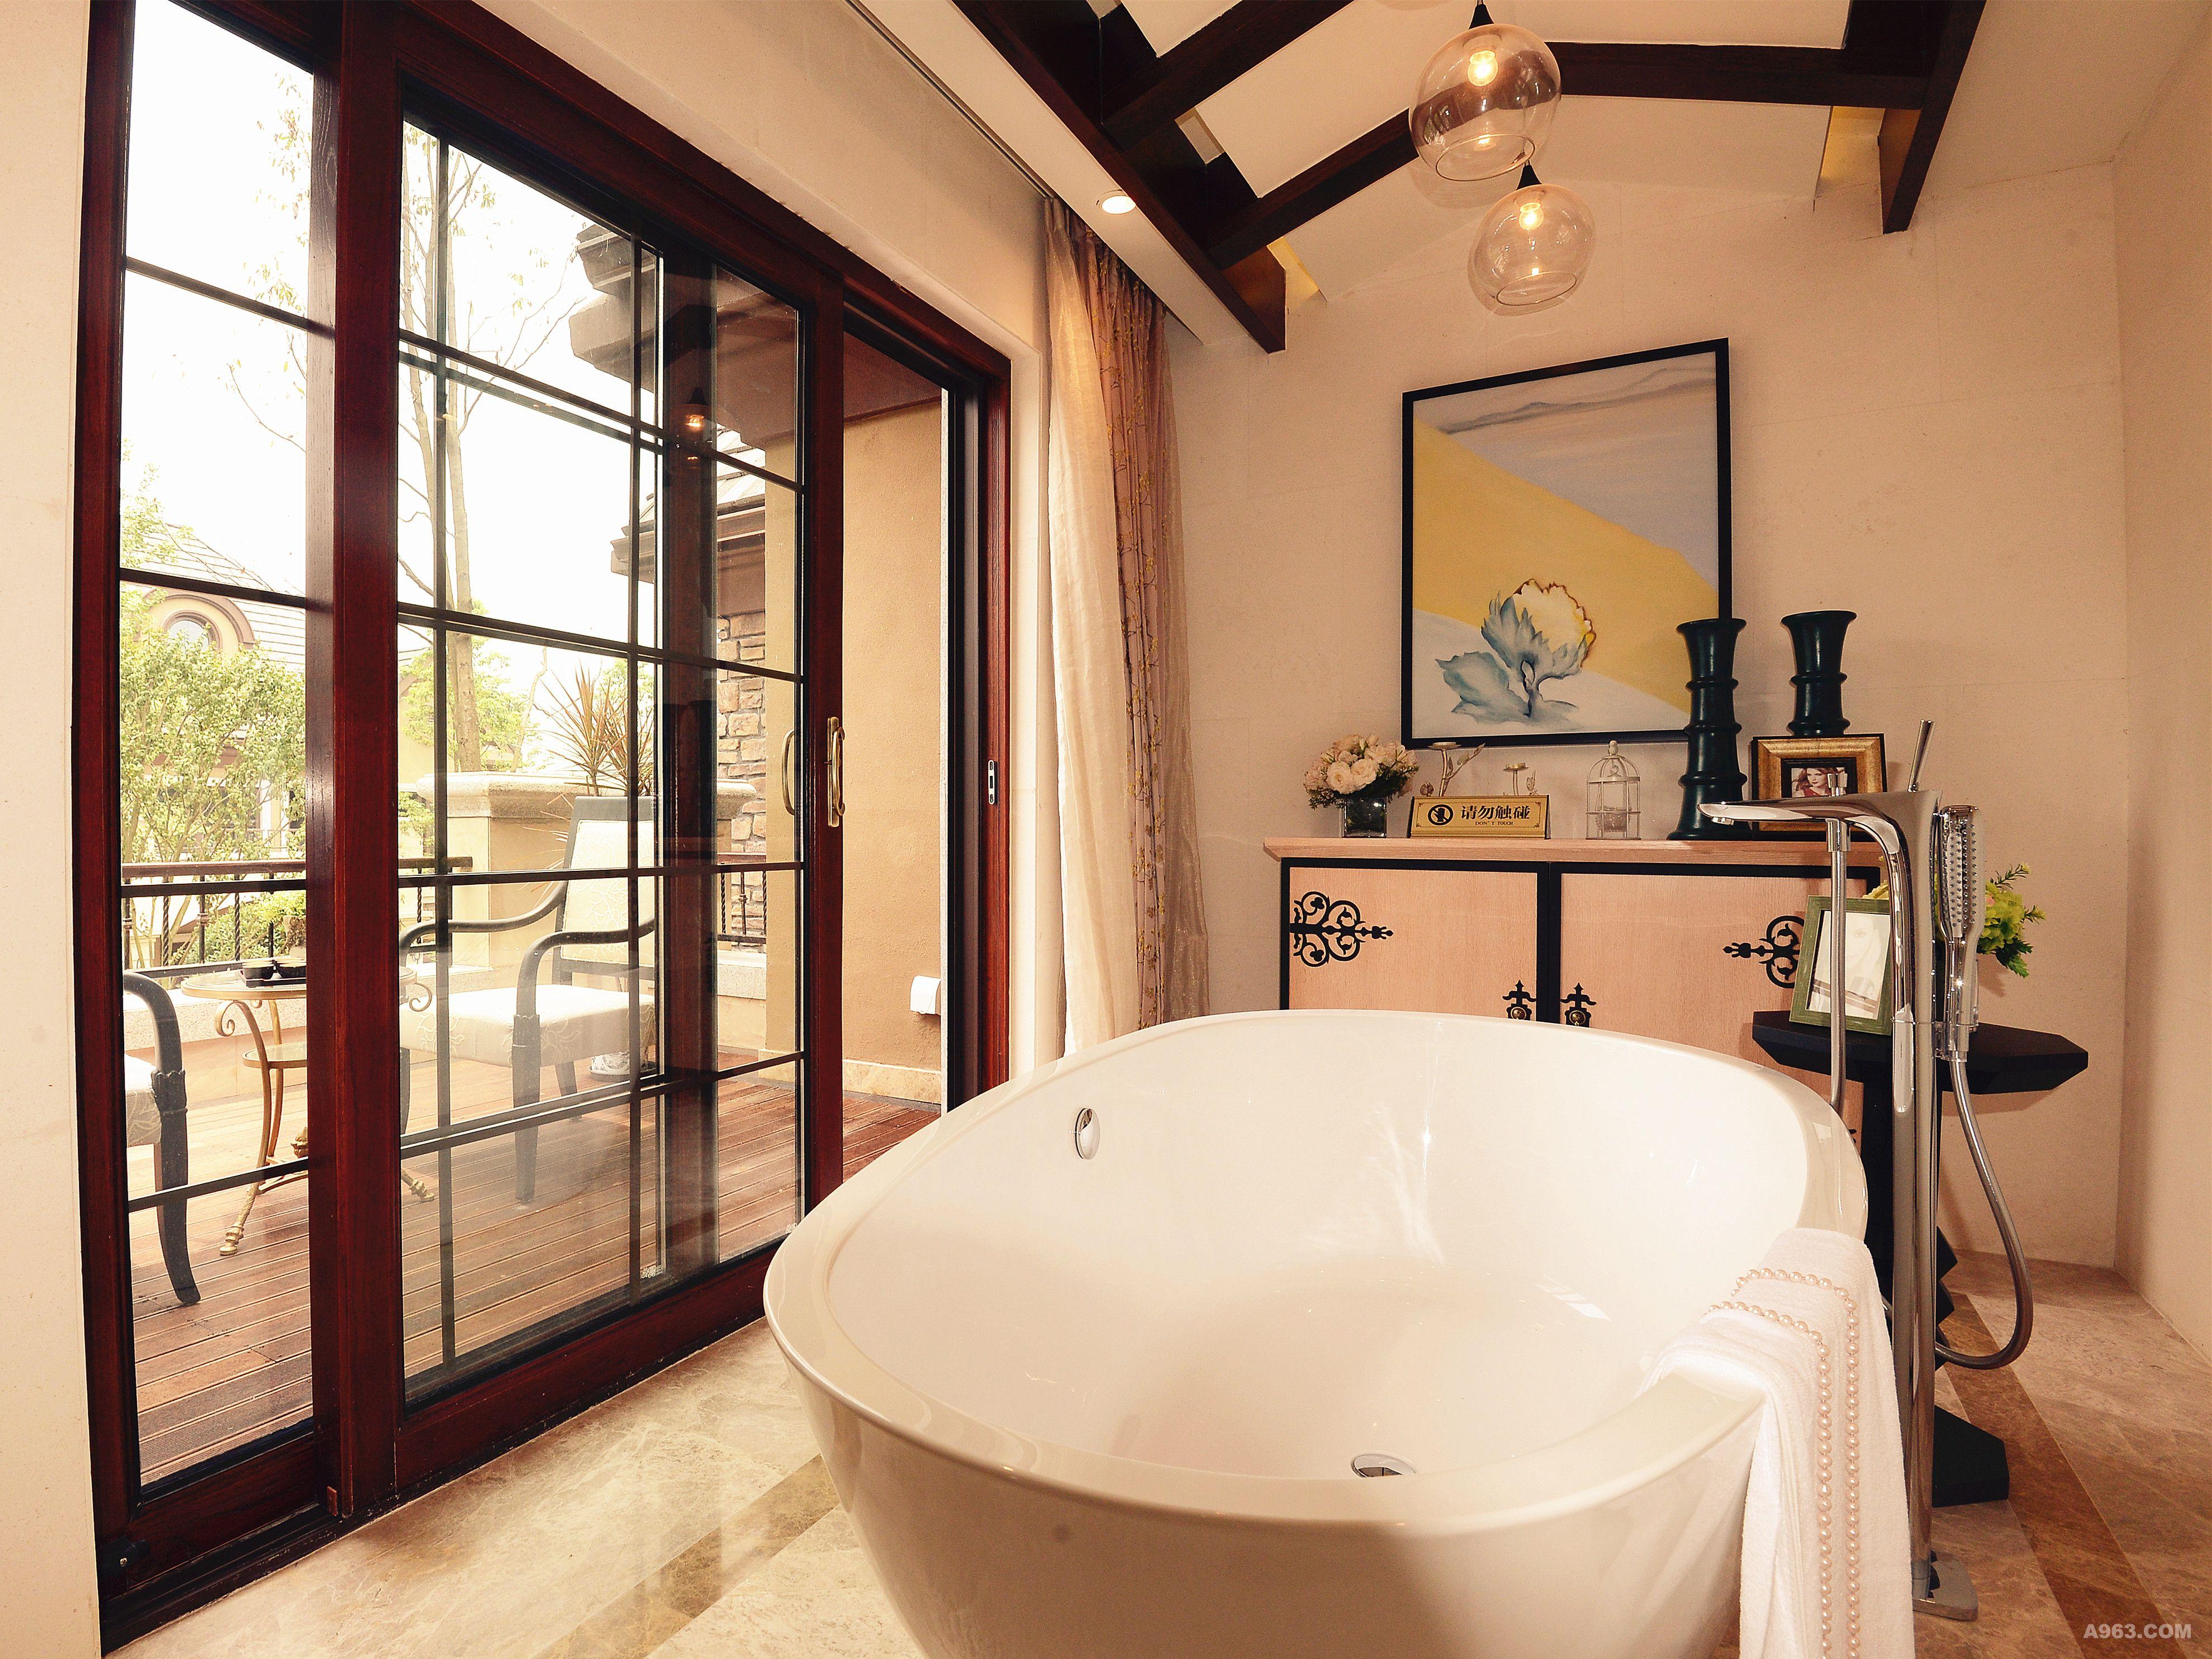 项目名称:重庆卉森湖别墅(小独栋)室内设计   建筑面积:420m2   装修